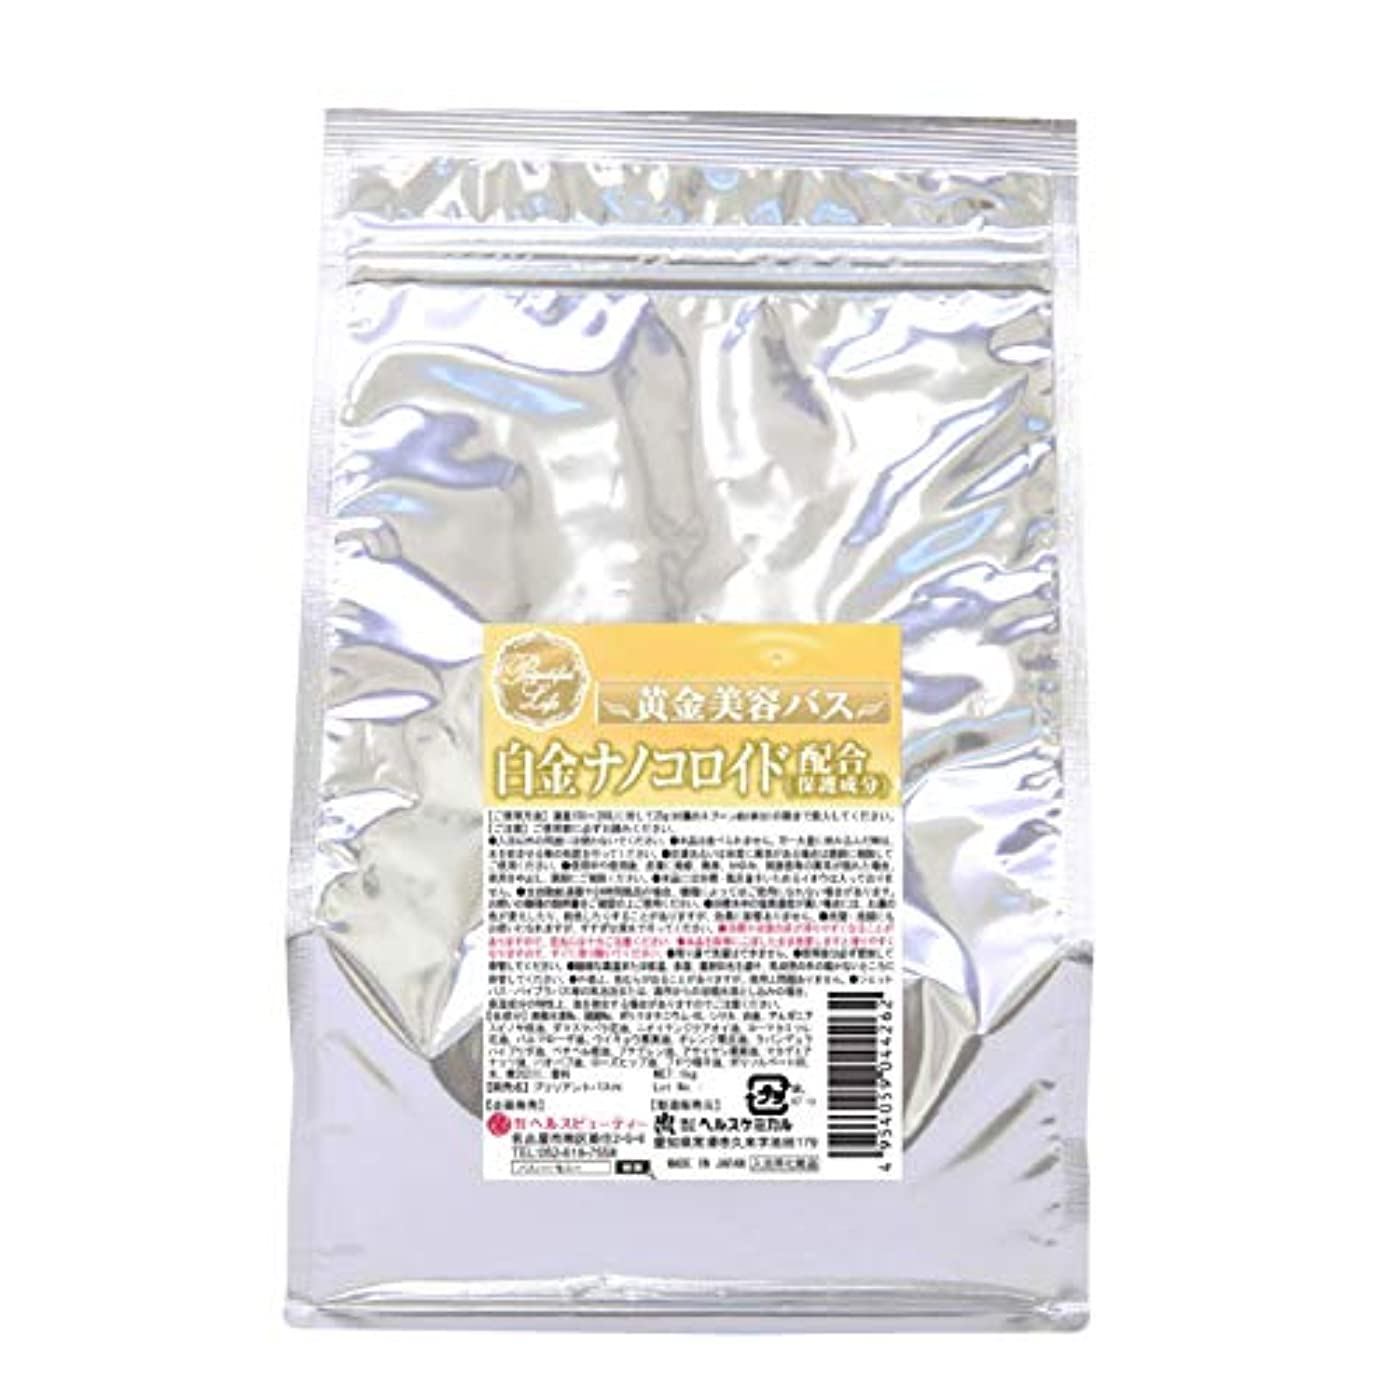 性差別活性化する損傷入浴剤 湯匠仕込 白金ナノコロイド配合 1kg 50回分 お徳用